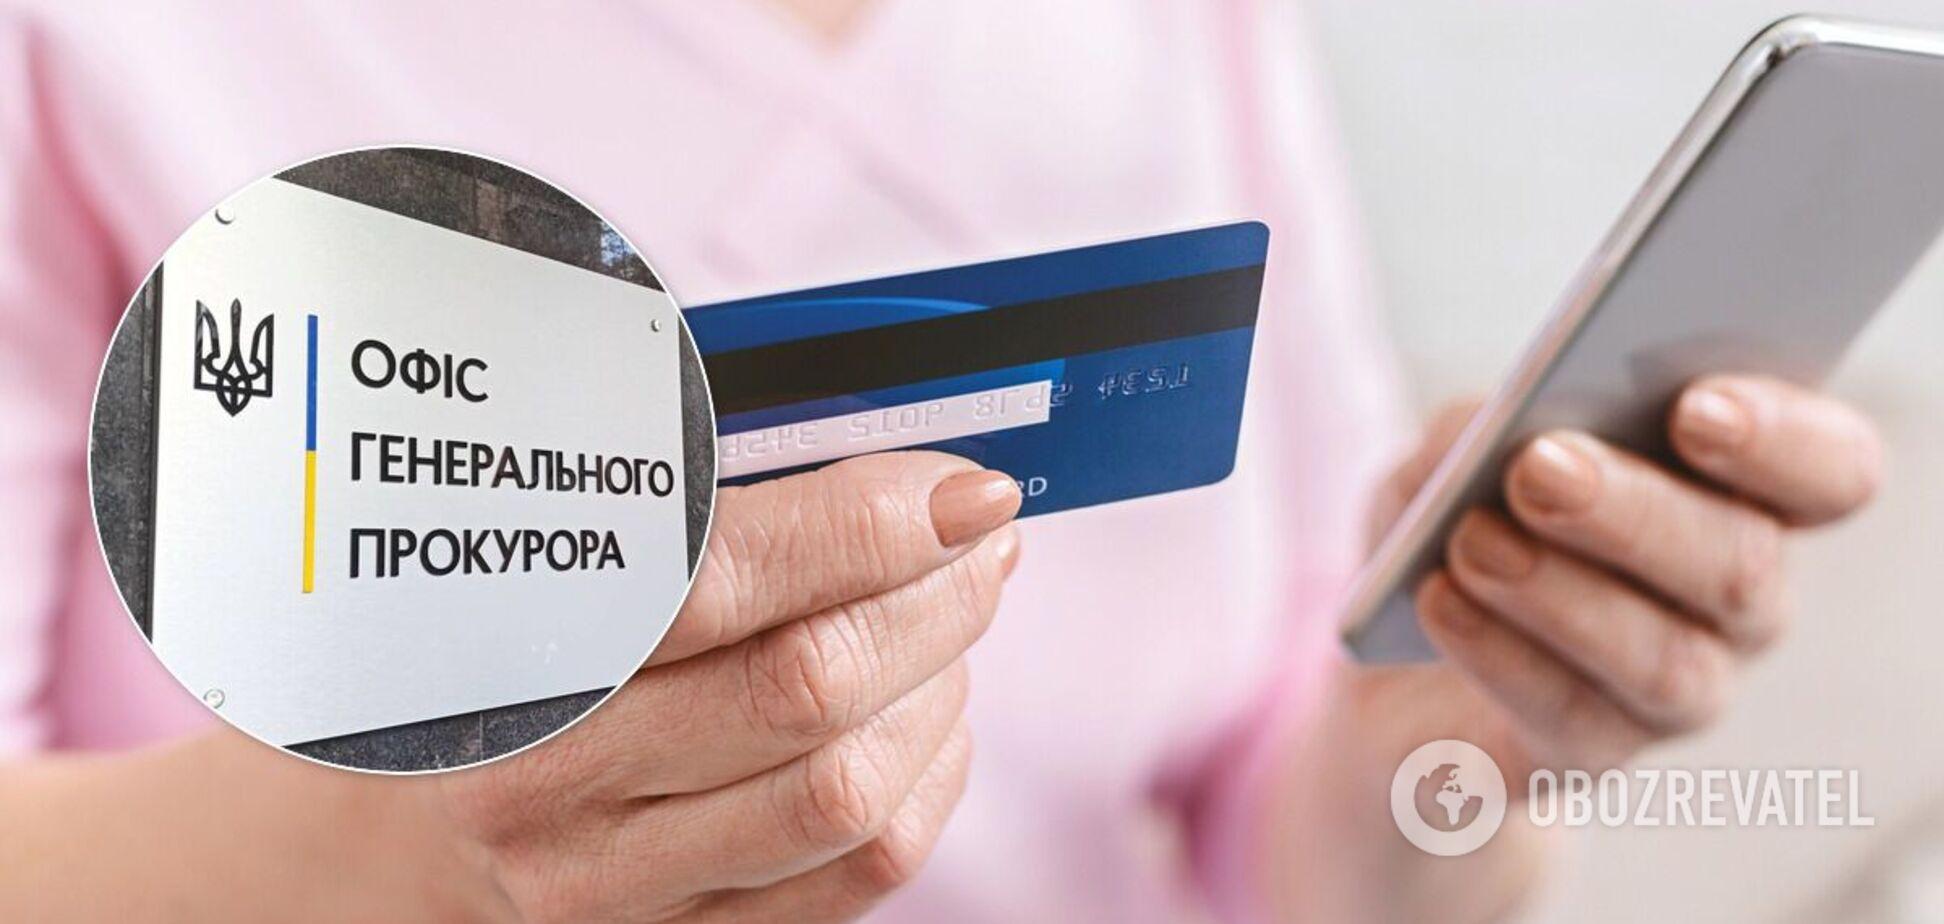 Мошенники из Украины выманивали по 10 млн евро у граждан ЕС: в ОГП ведут расследование